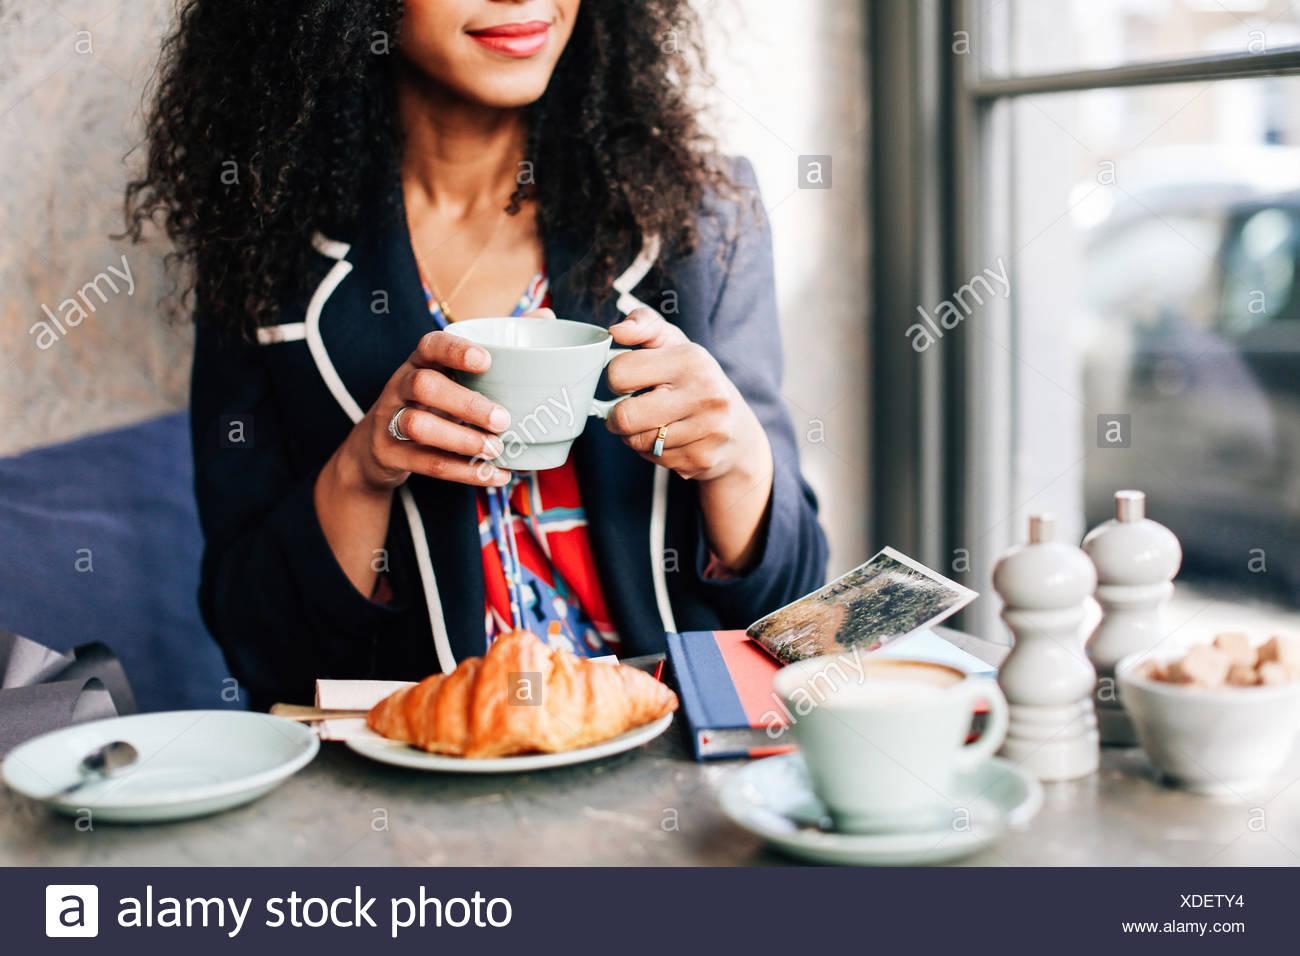 Captura recortada de la mujer sosteniendo la taza de café en la cafetería Imagen De Stock